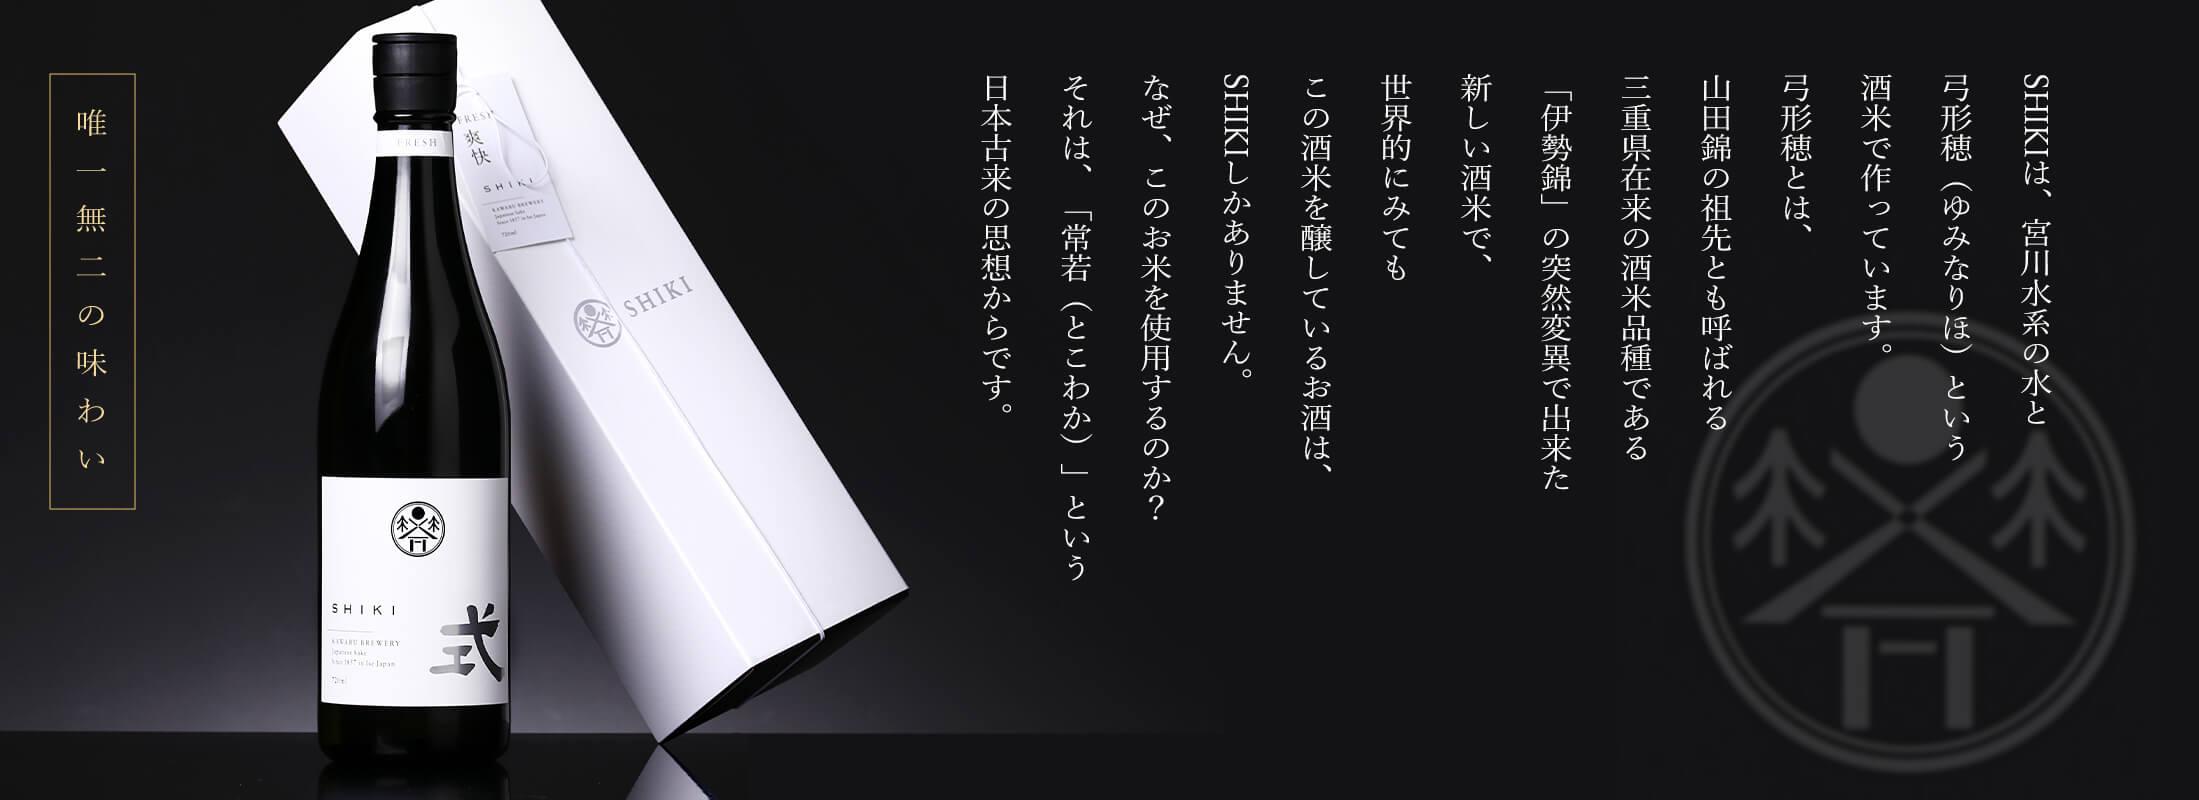 式 SHIKI FRESH